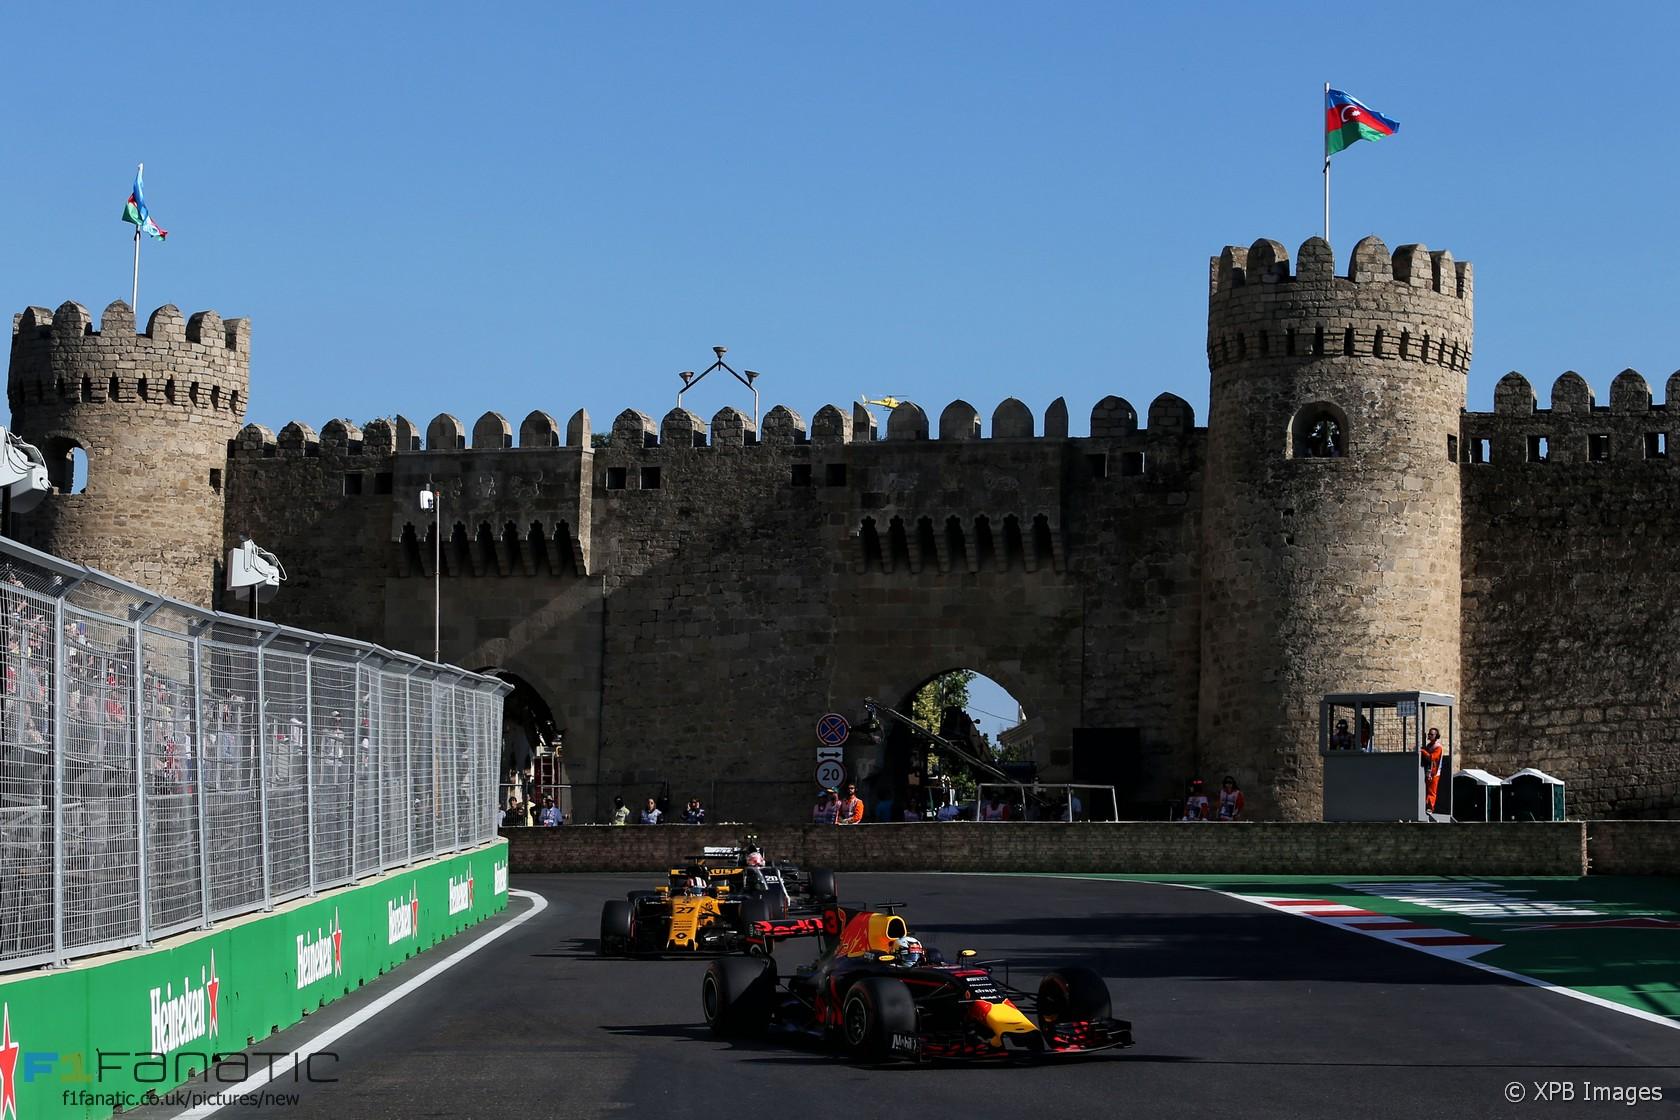 Baku F1